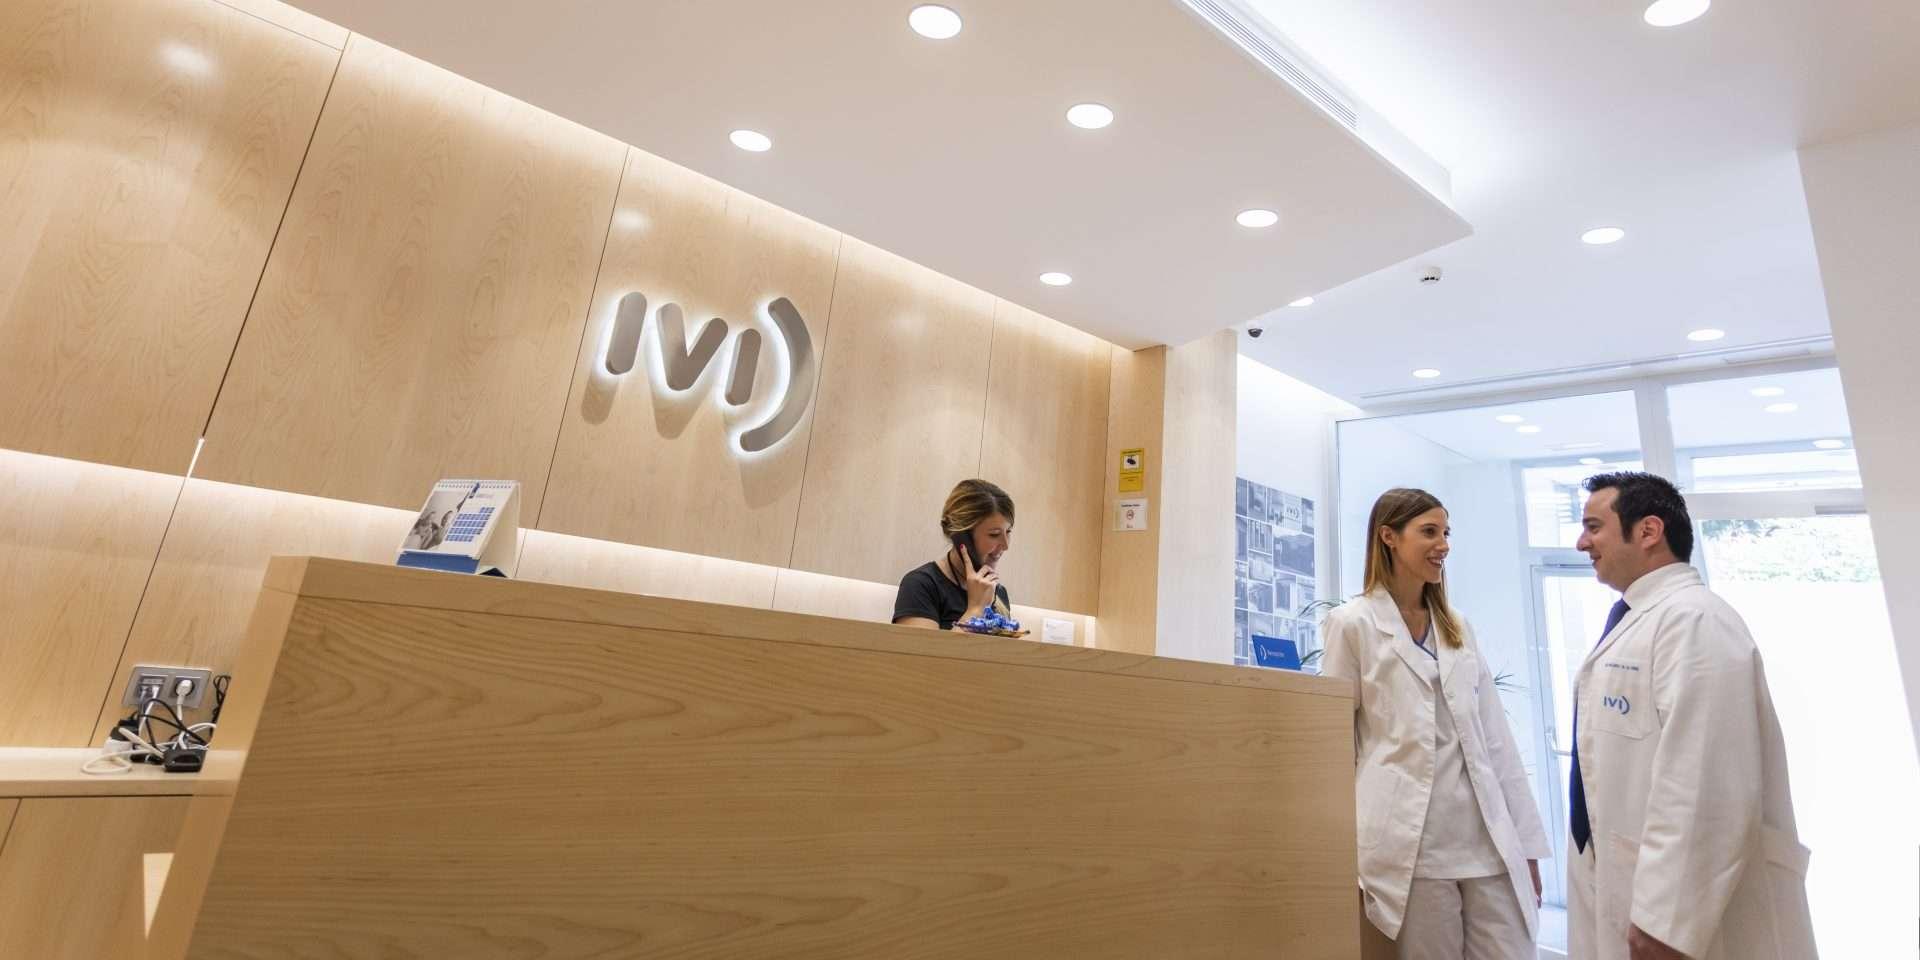 Equipo clínica de fertilidad Burgos